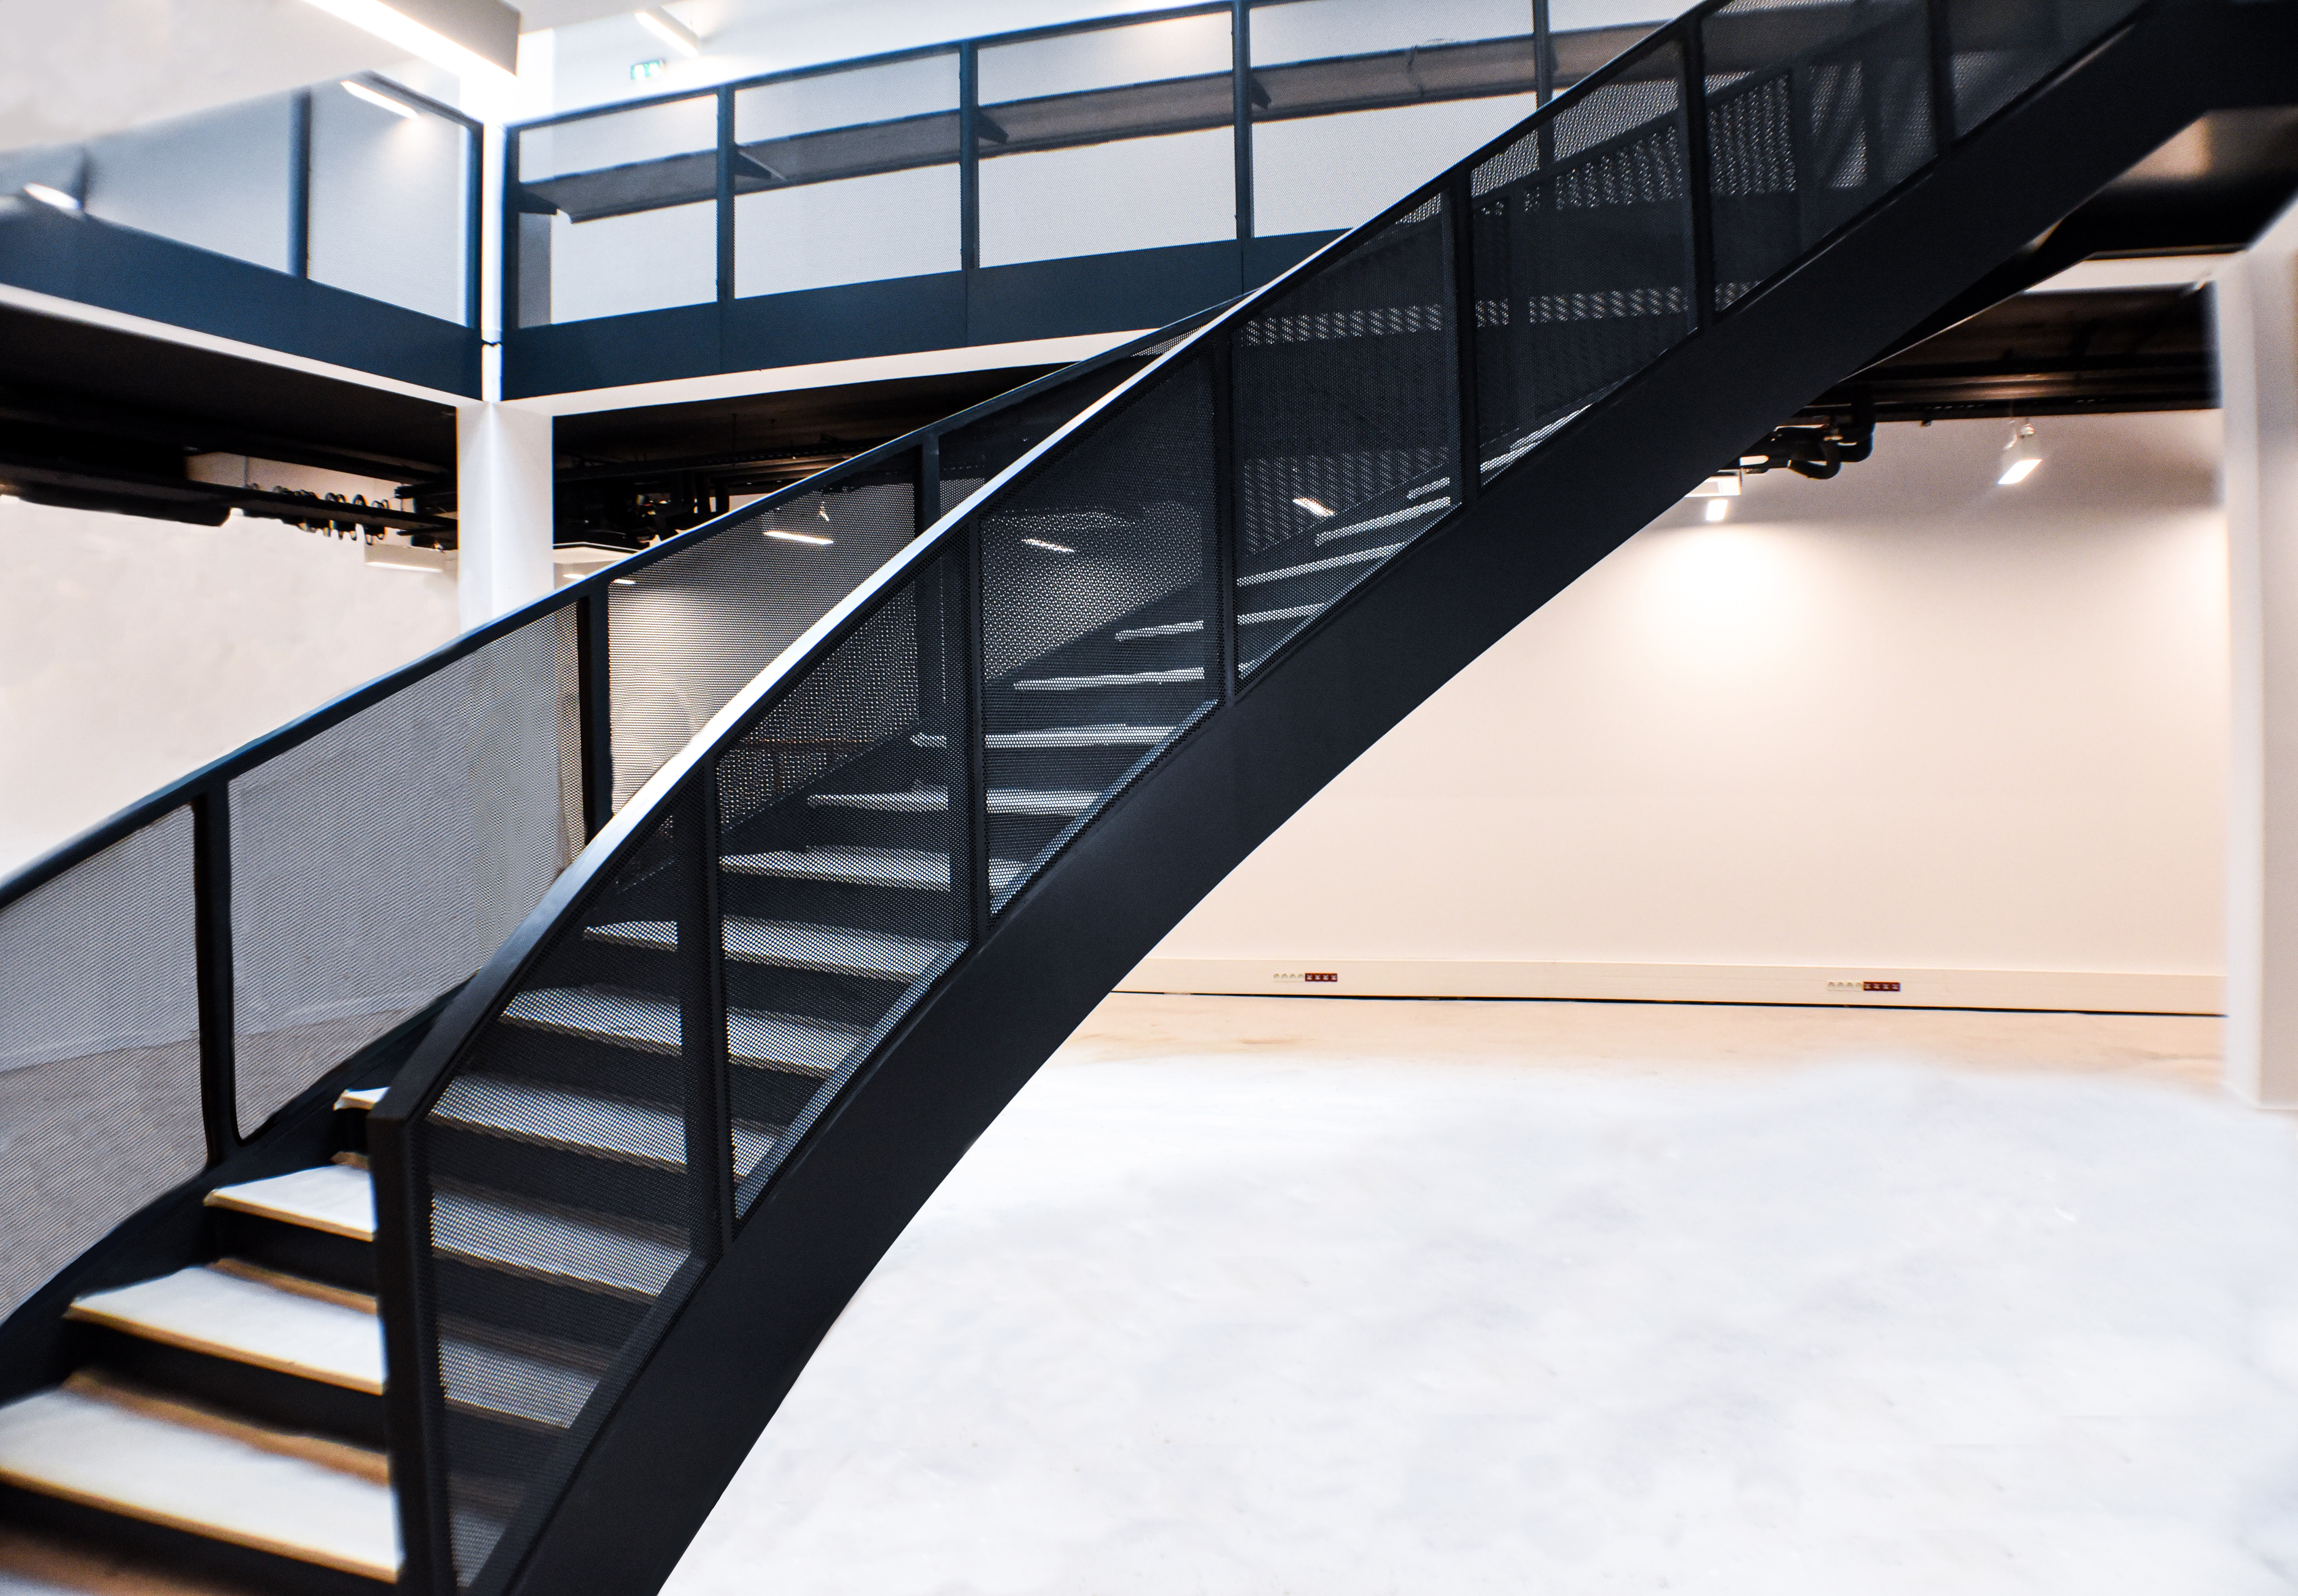 escalier métallique remis à neuf